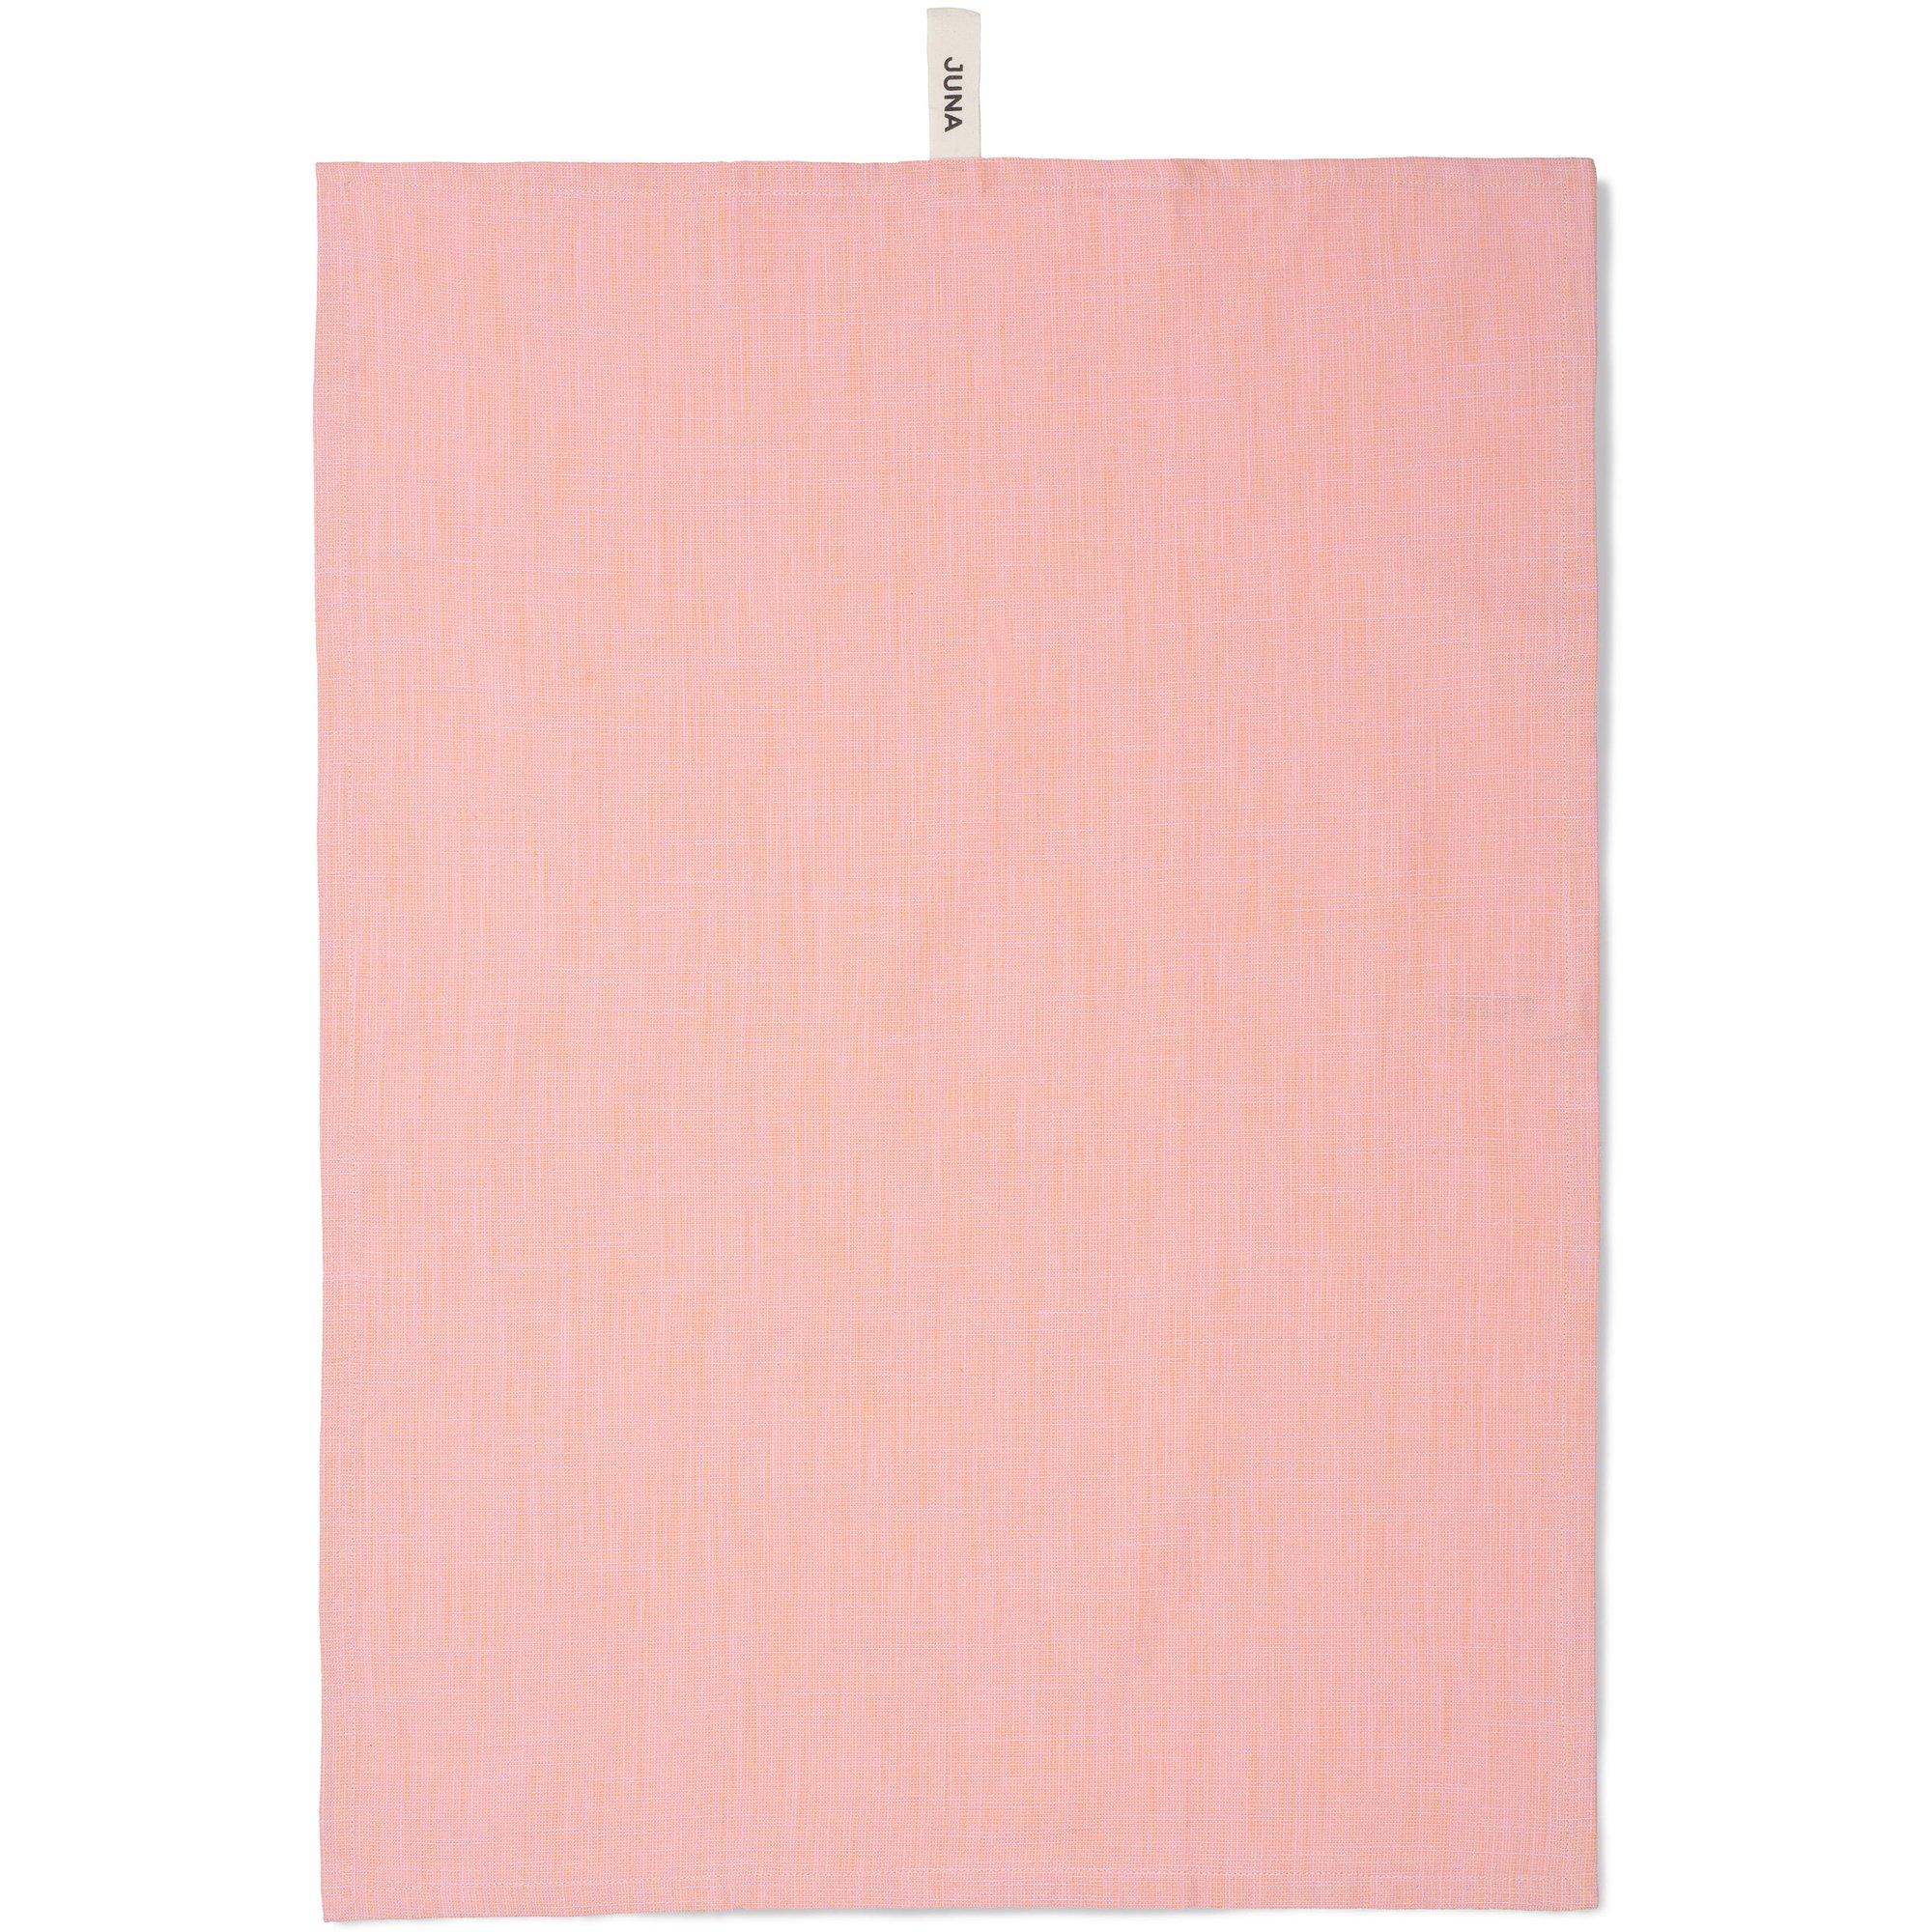 Juna Surface kökshandduk, rosa